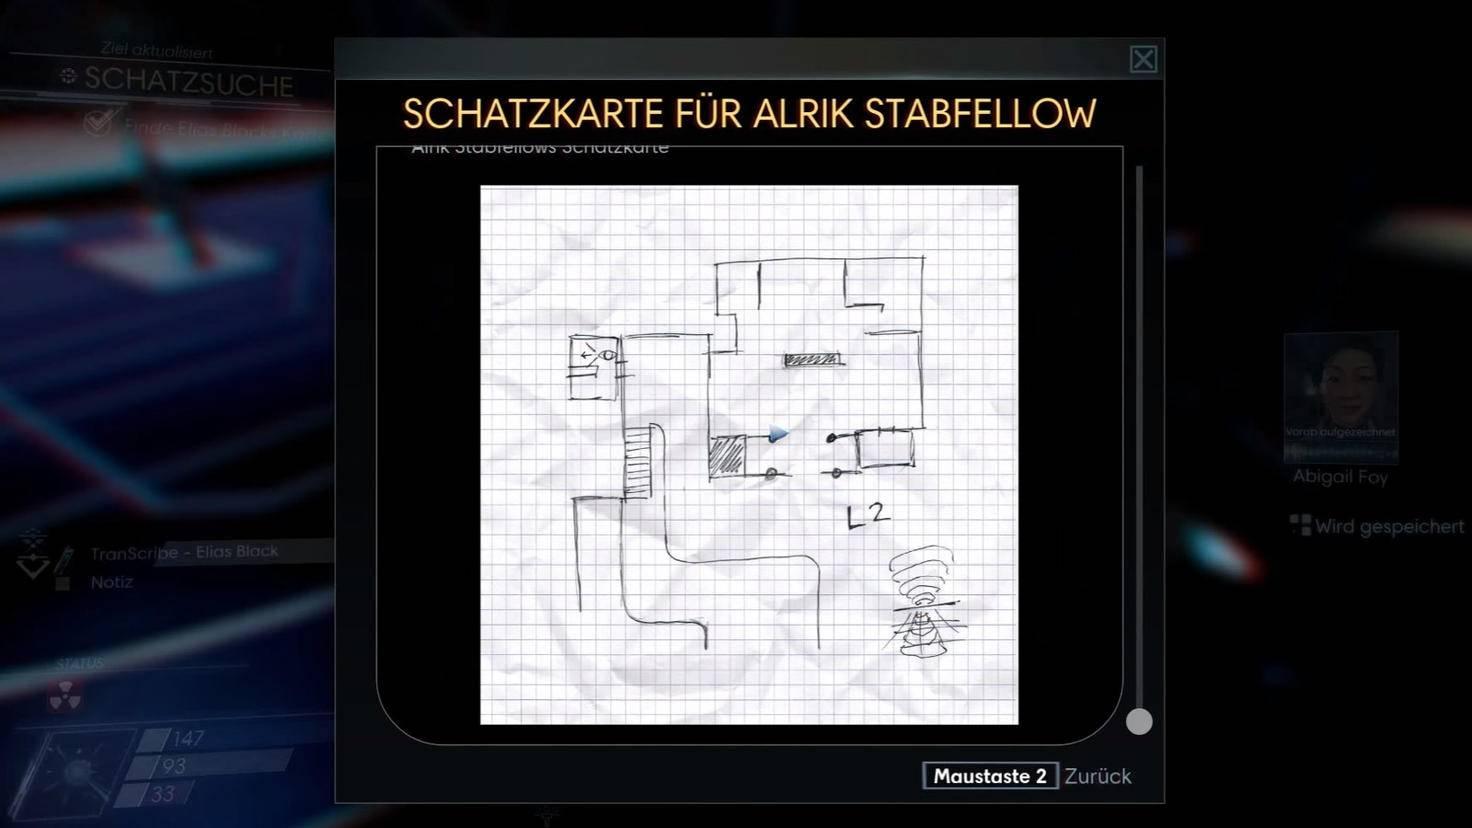 Die Schatzkarte von Elias Black zeigt den Recycler-Raum in den Besatzungsquartieren. Dort findest Du an der Wand die Ziffer 6.